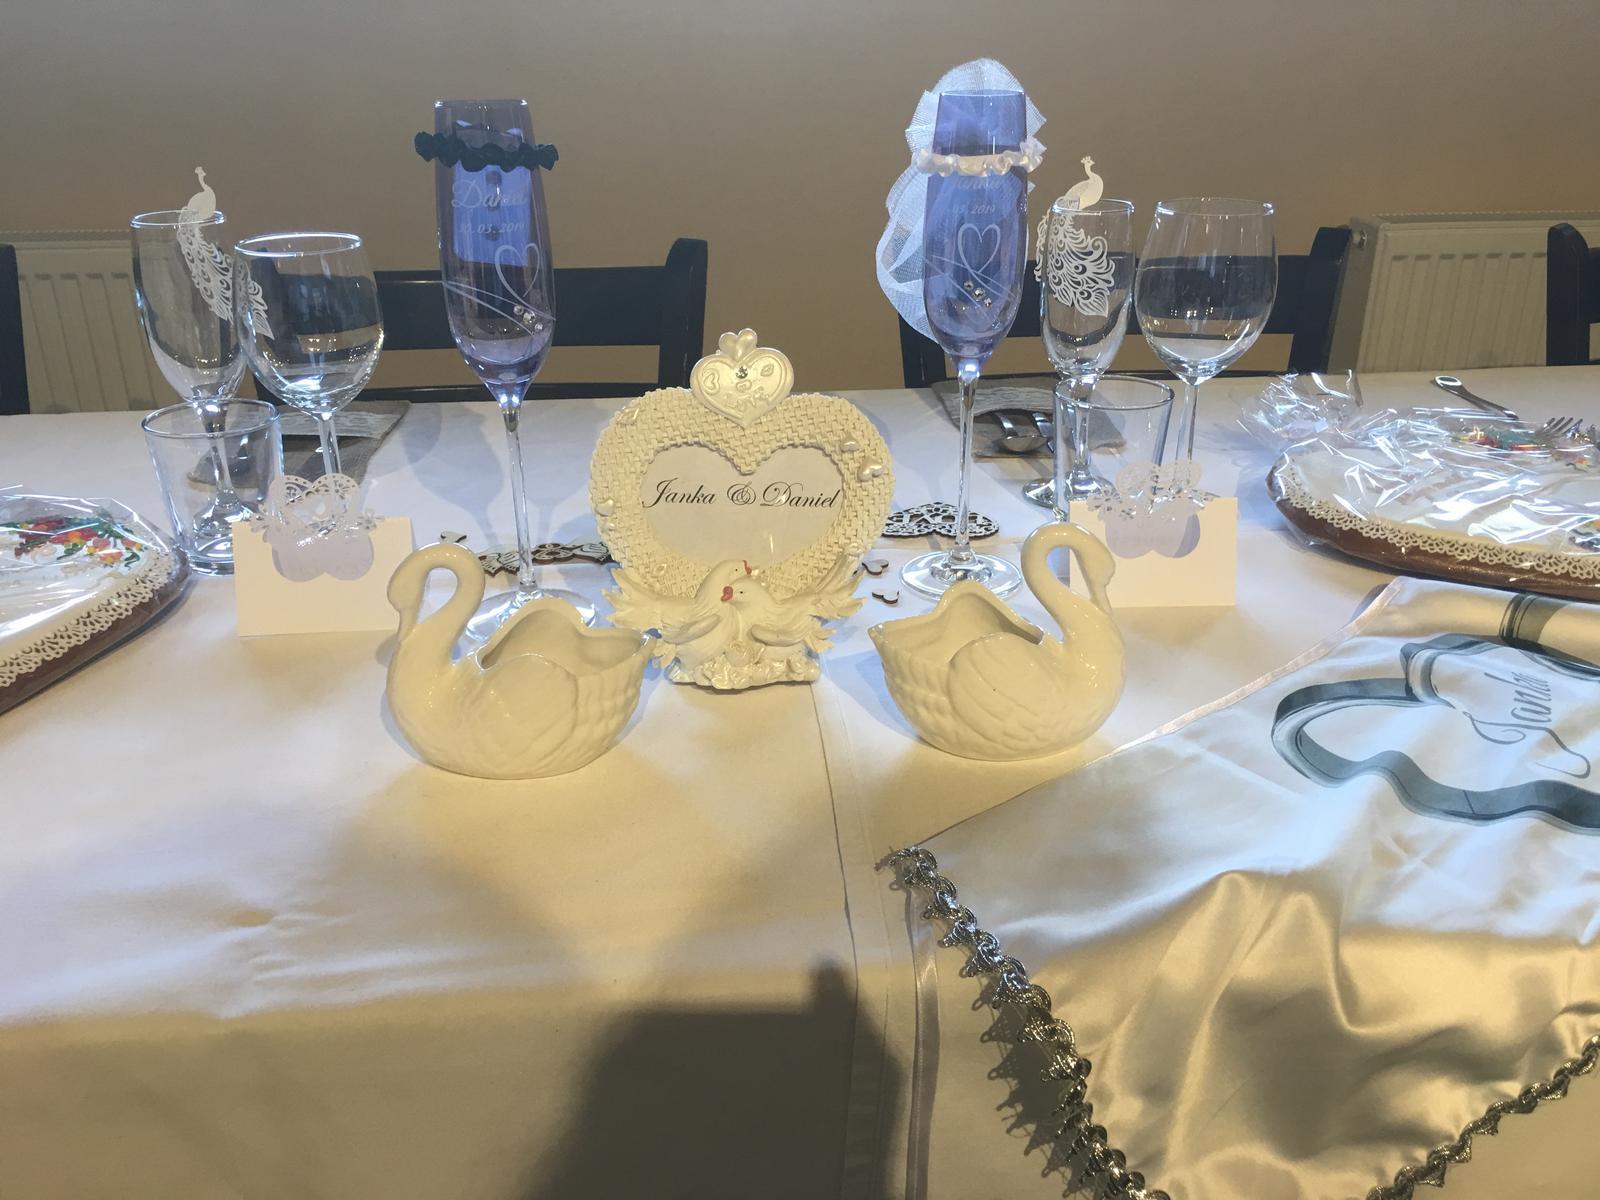 Fotoramik labute ako menovka na stol - Obrázok č. 1